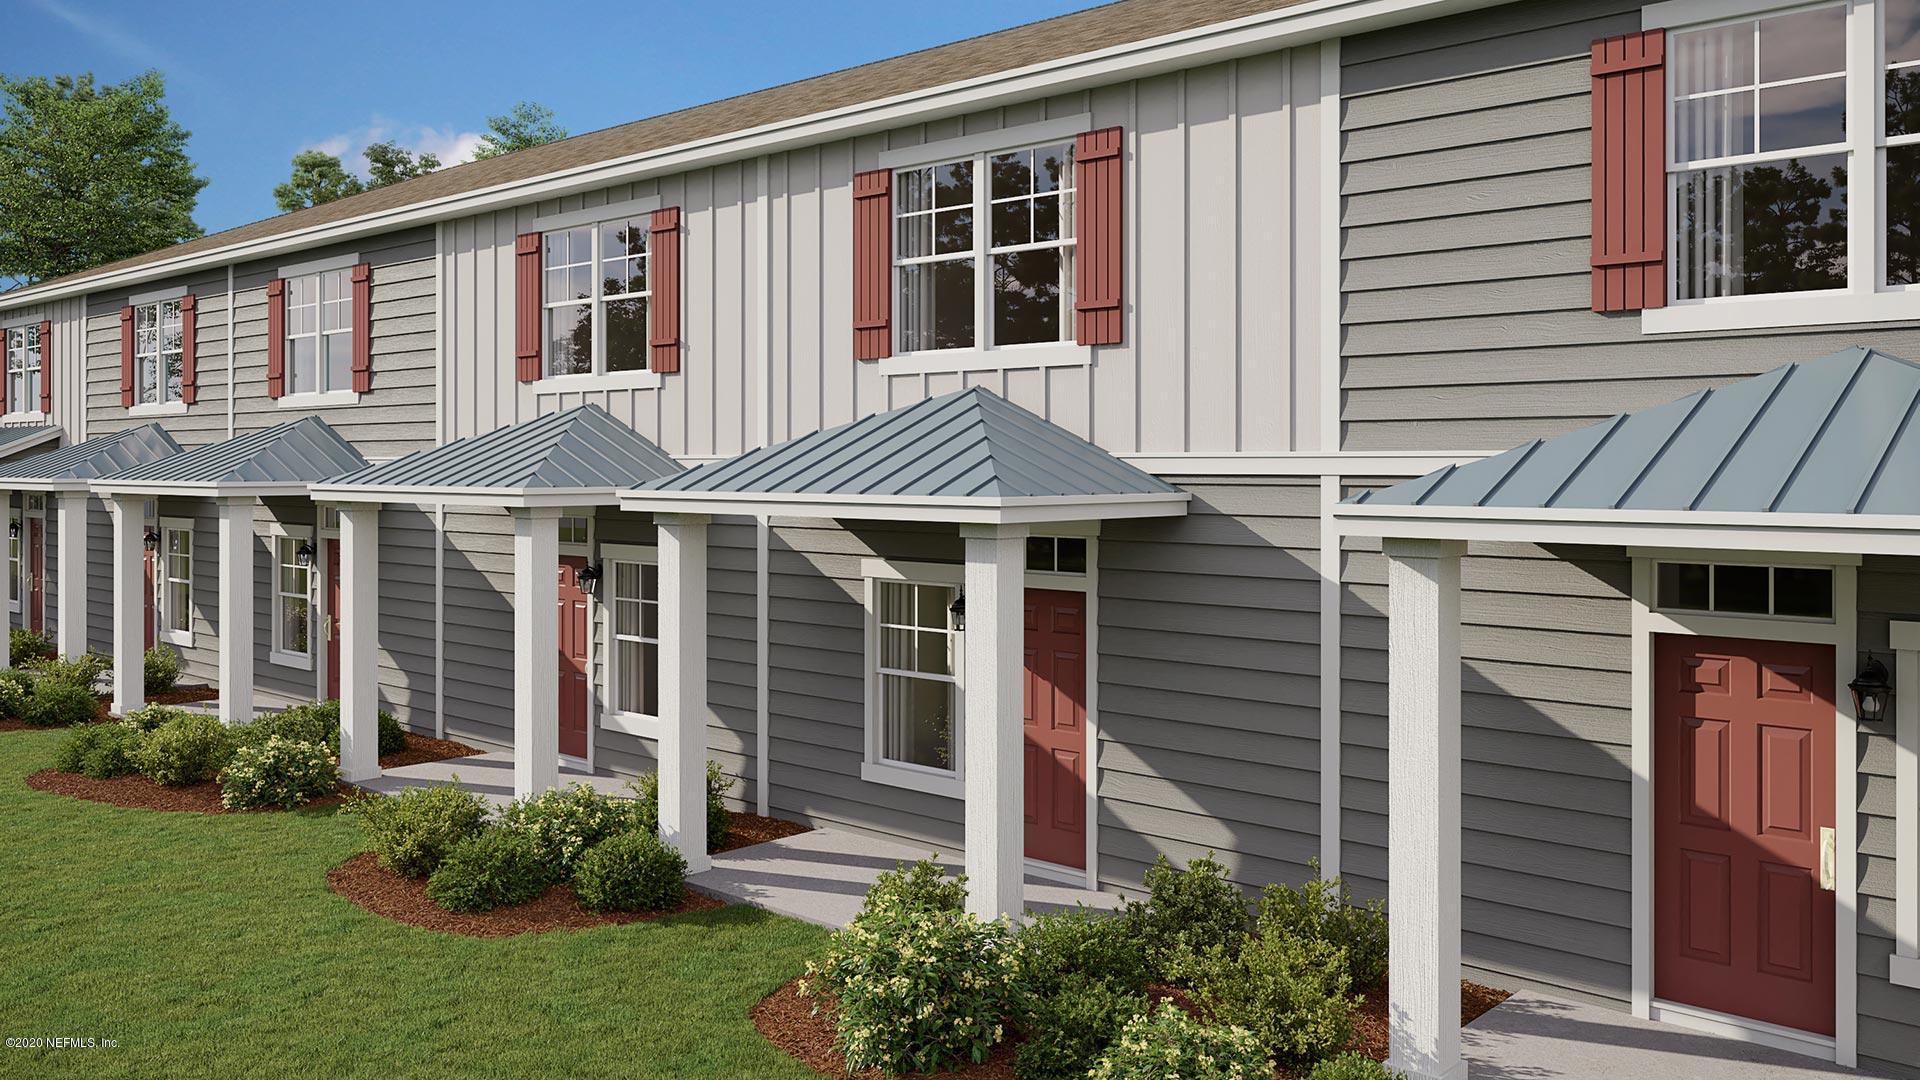 86456 MAINLINE, YULEE, FLORIDA 32097, 3 Bedrooms Bedrooms, ,2 BathroomsBathrooms,Residential,For sale,MAINLINE,1082169